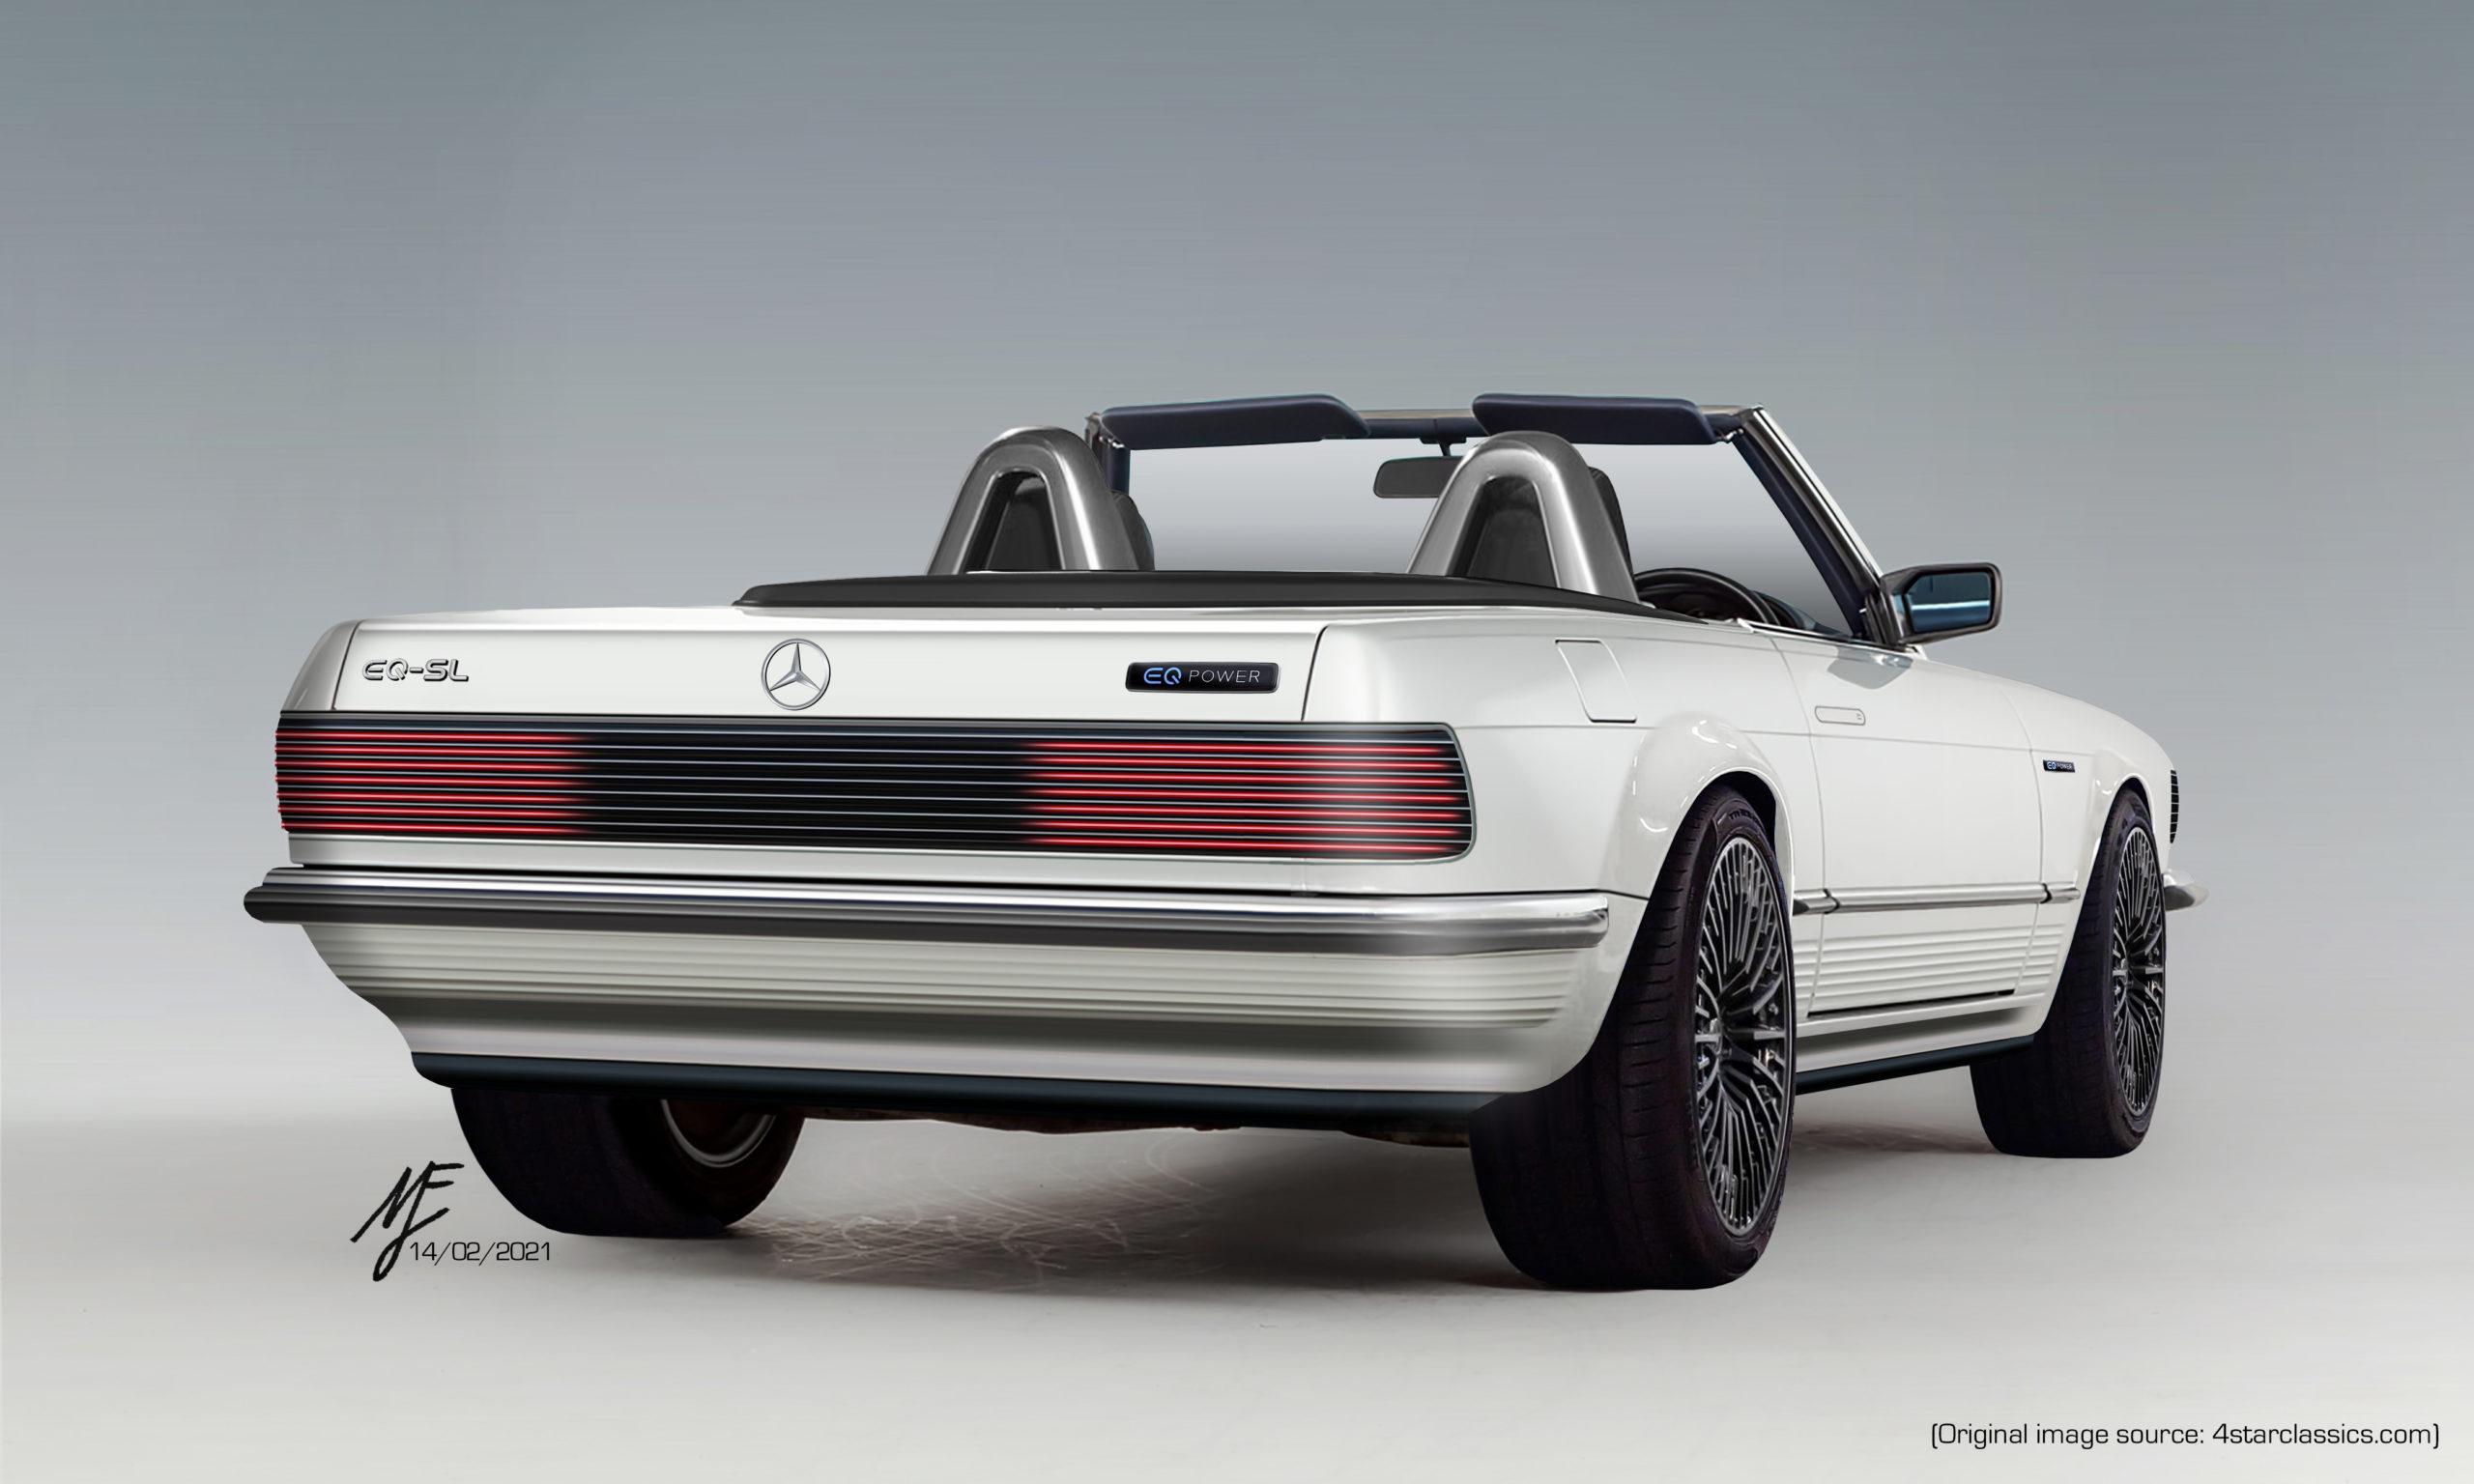 The rear profile of a restomod EQ-SL by Matthew Finbow